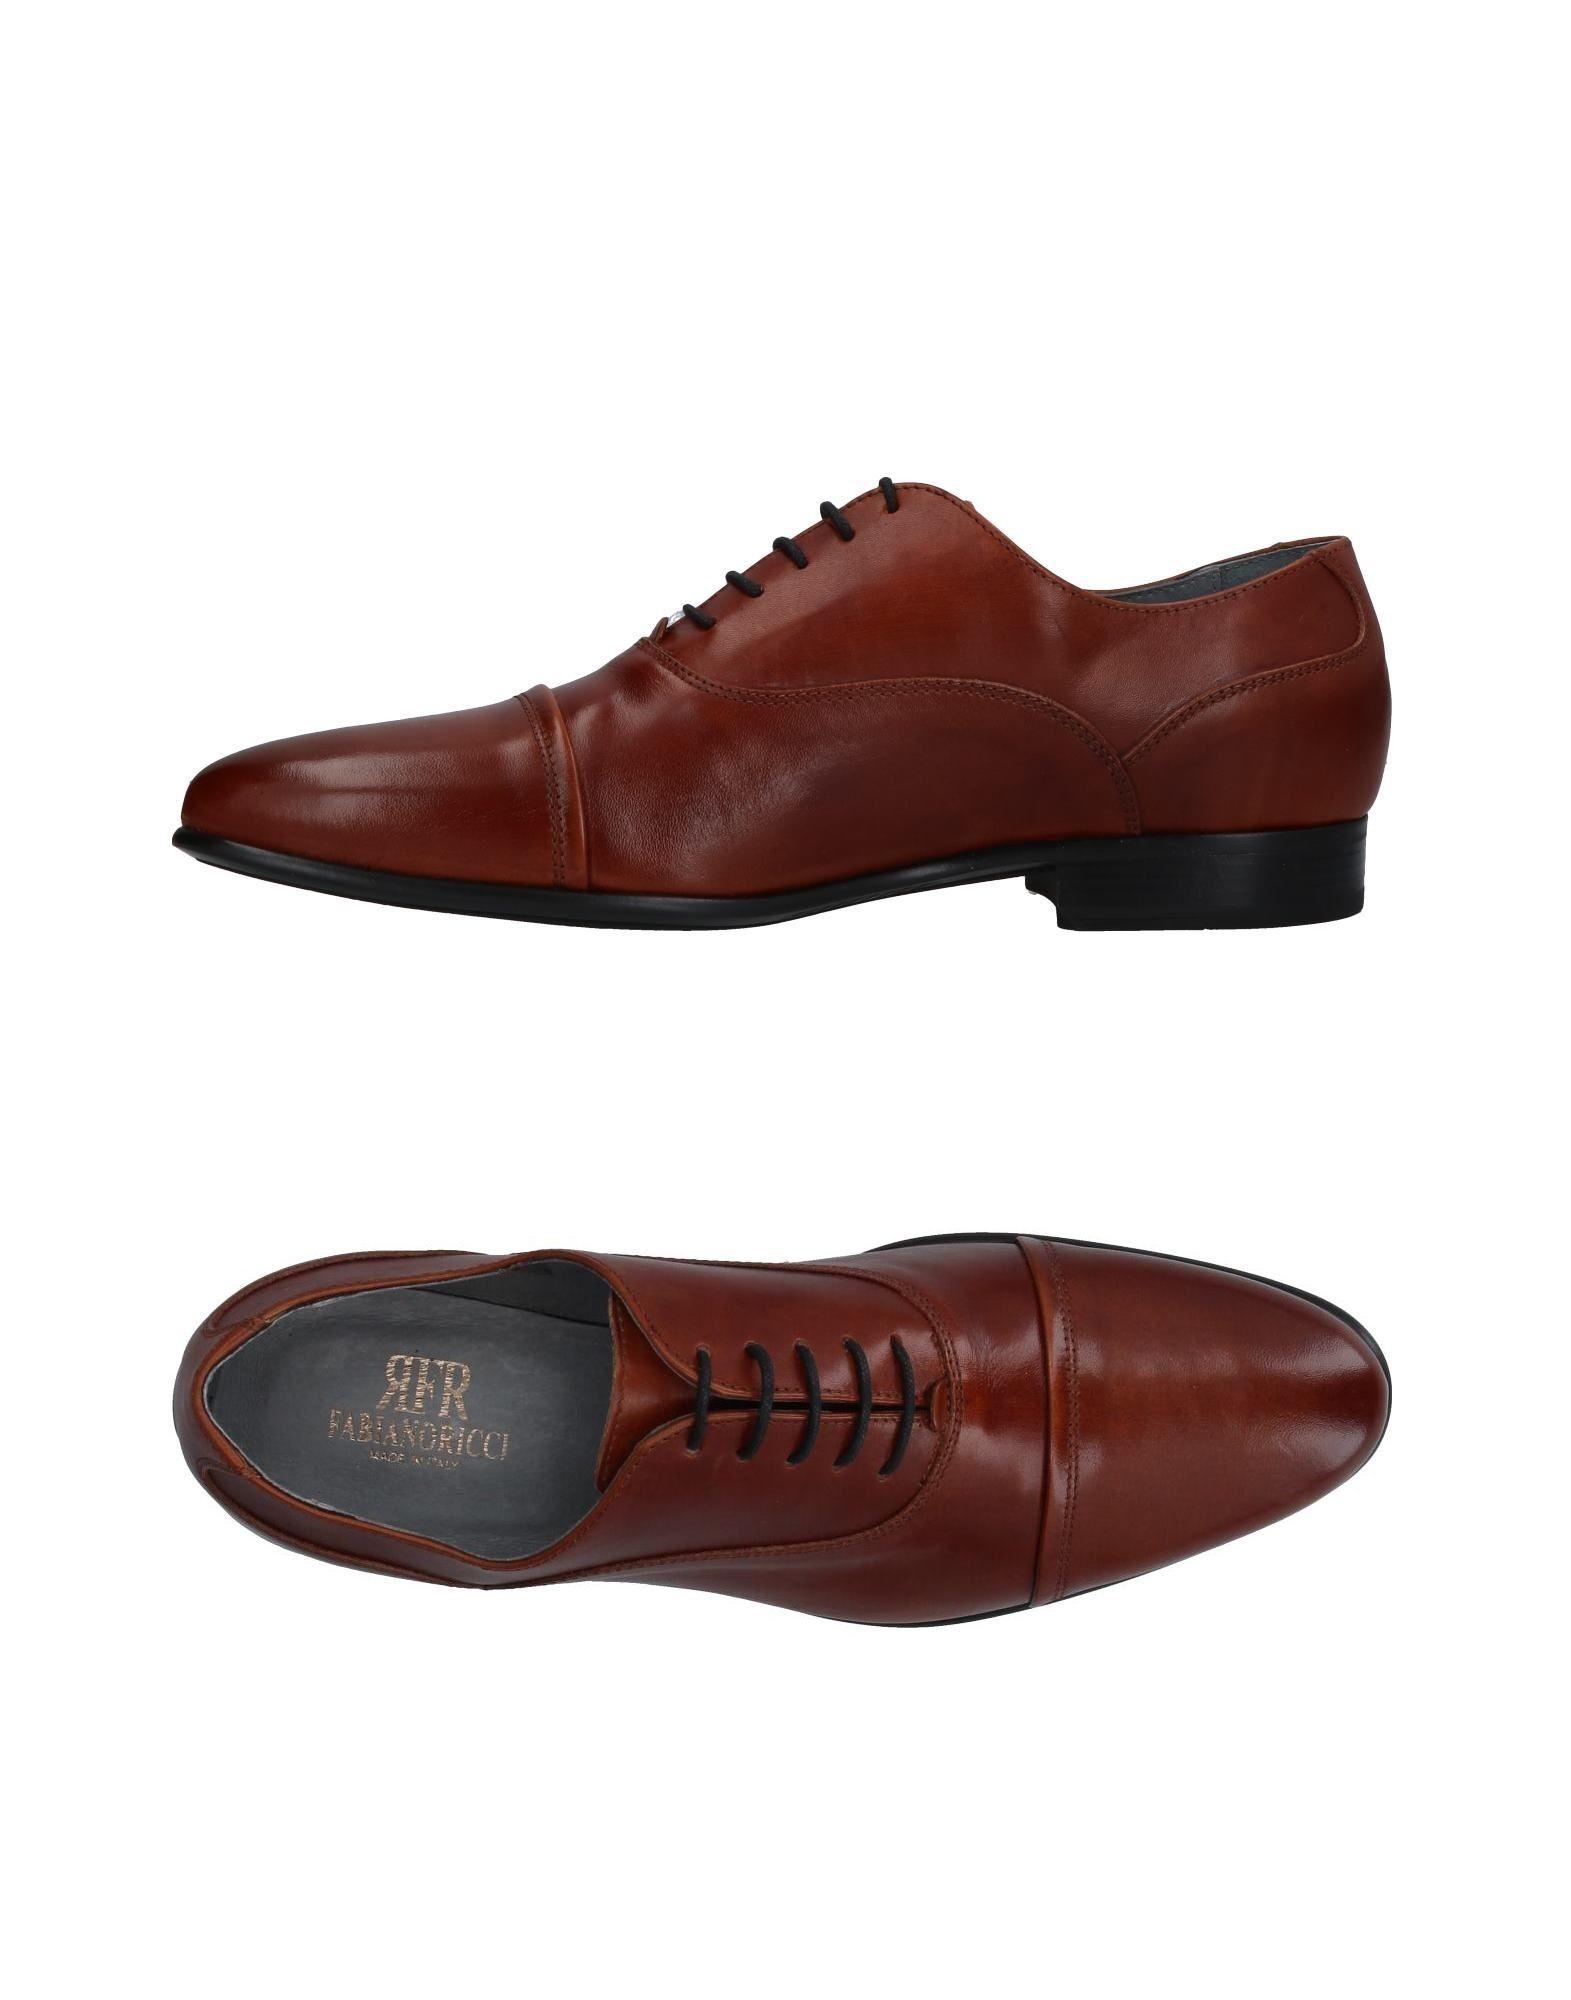 Rabatt echte Schuhe Fabiano Ricci Schnürschuhe Herren  11375249QV